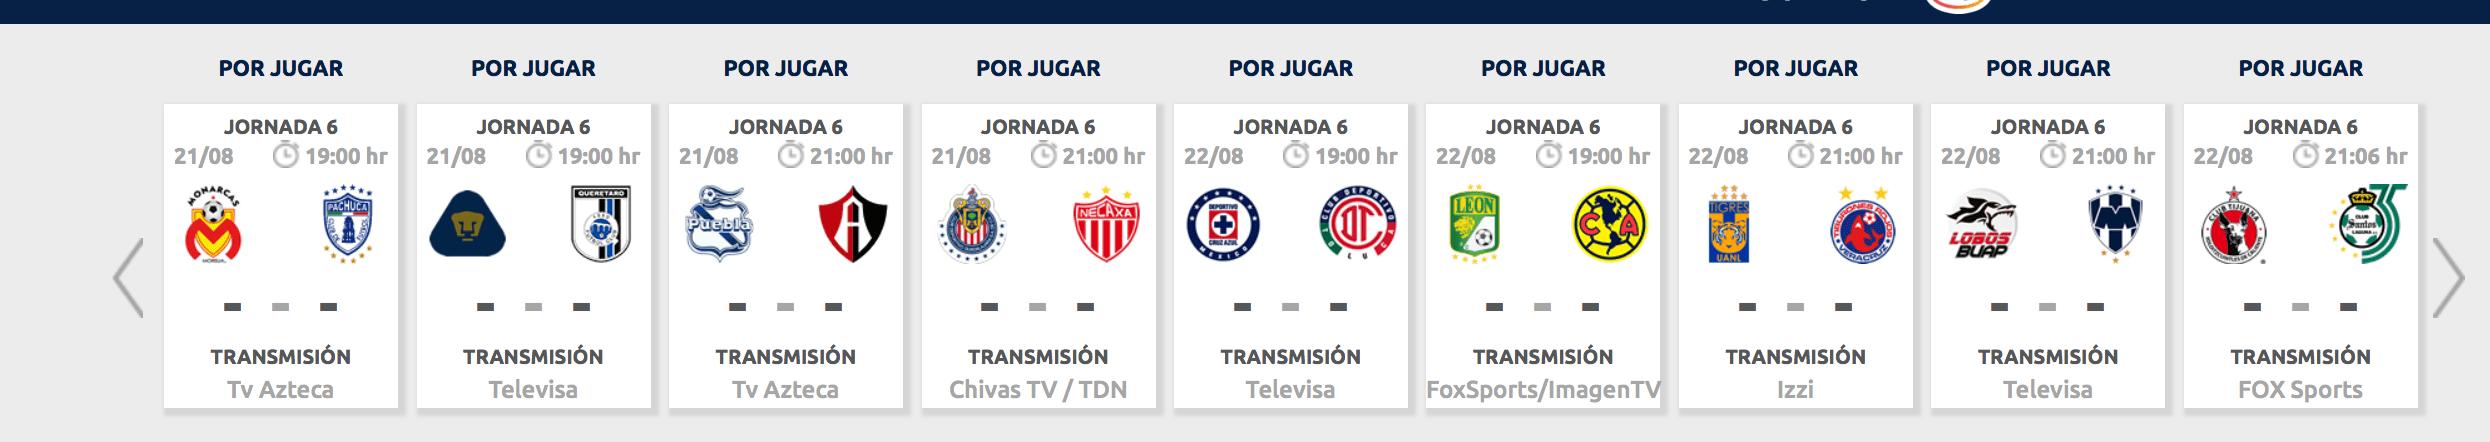 ¿Cómo, cuándo y dónde ver la Jornada 6 del Apertura 2018?